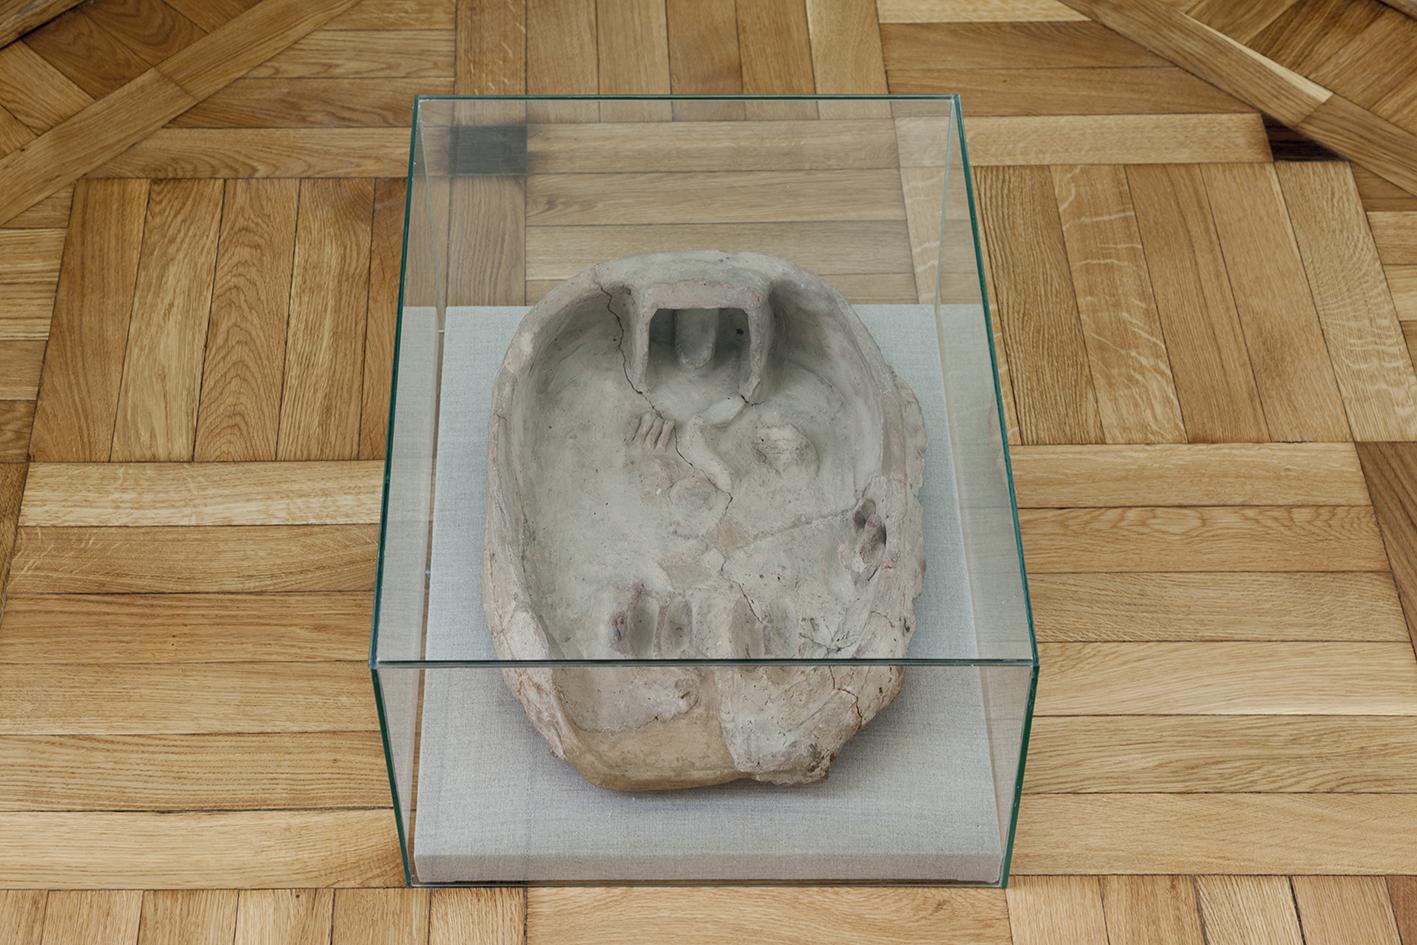 Taca ofiarna, Edfu (Egipt), glina, 10 × 31 × 40, Średnie Państwo, XII dynastia, nrinw.141475. Fot.Piotr Żyliński